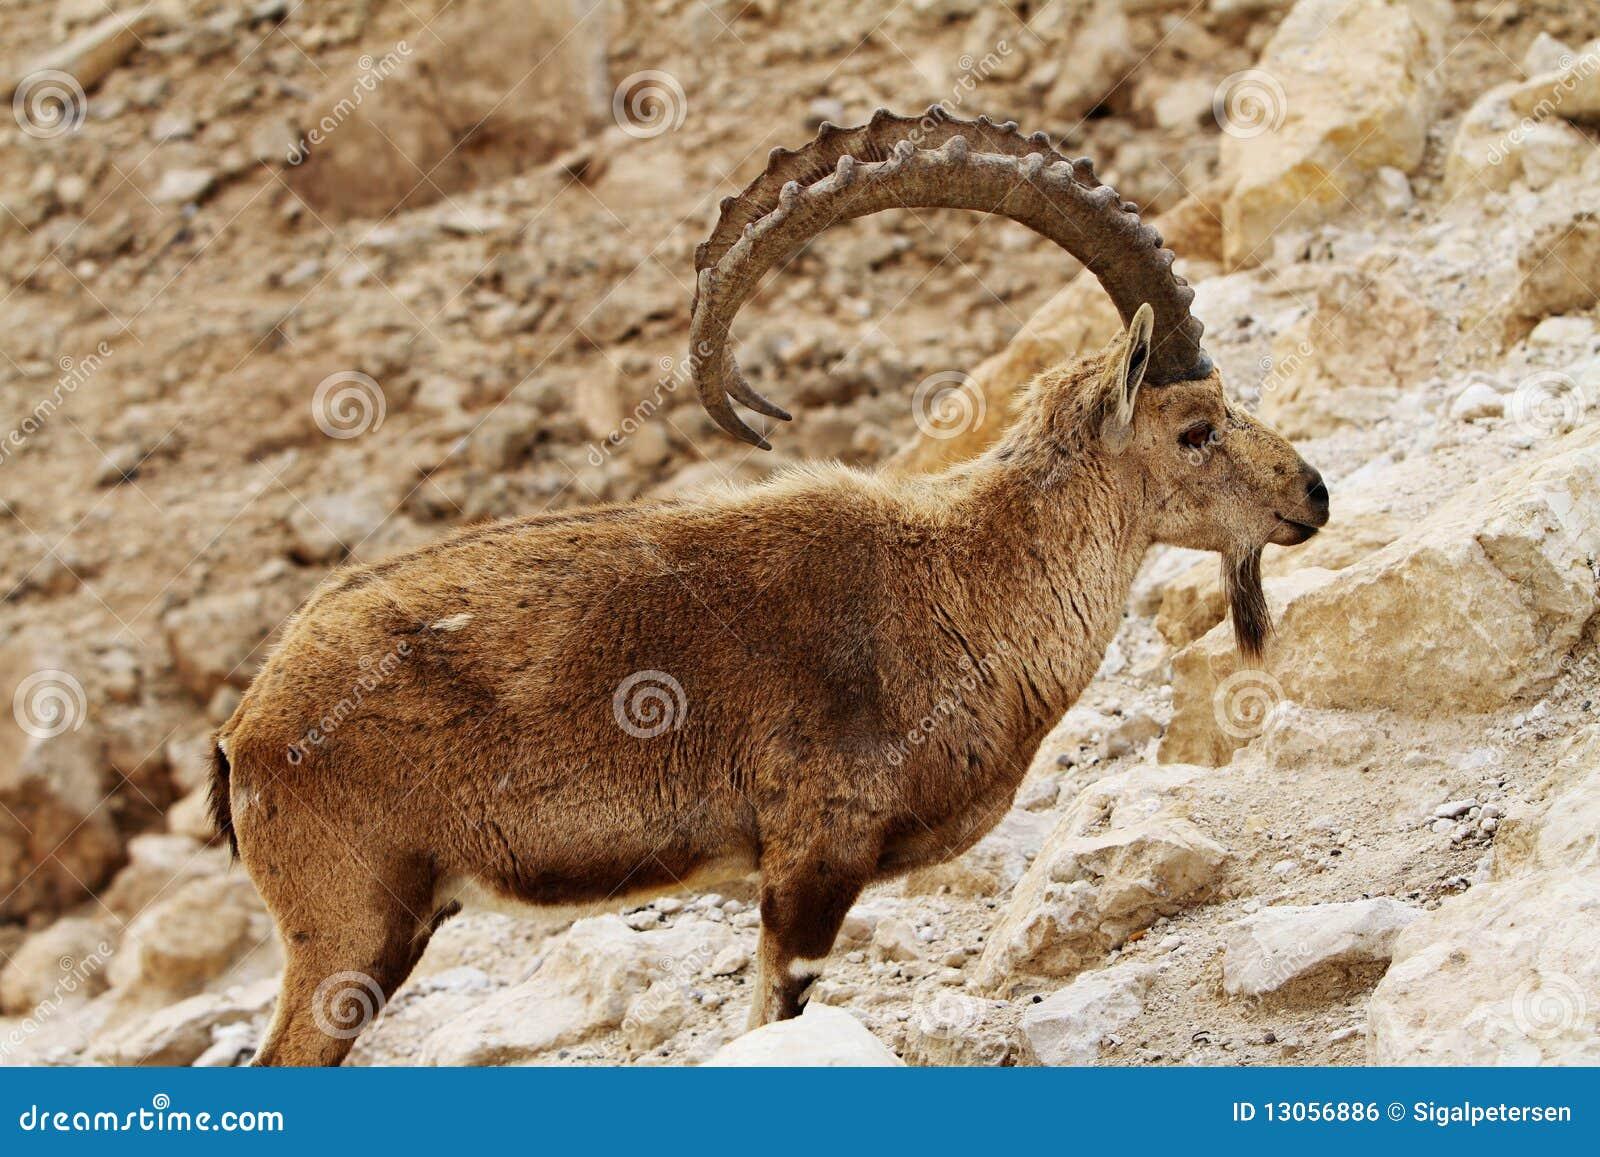 Ram steenbok en Steenbok man